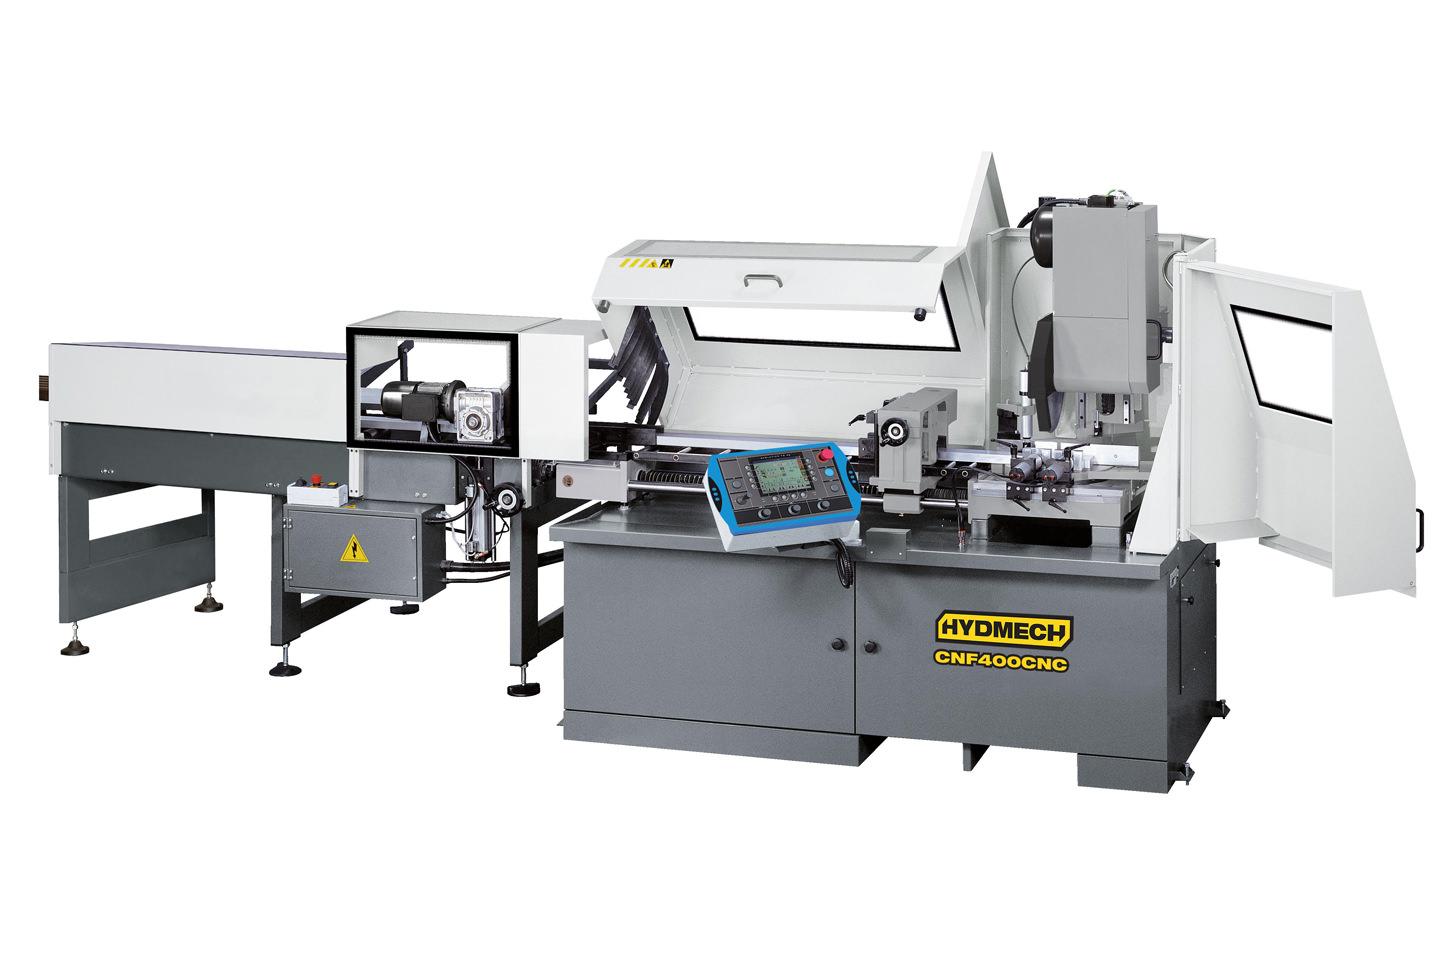 CNF400CNC machine shot